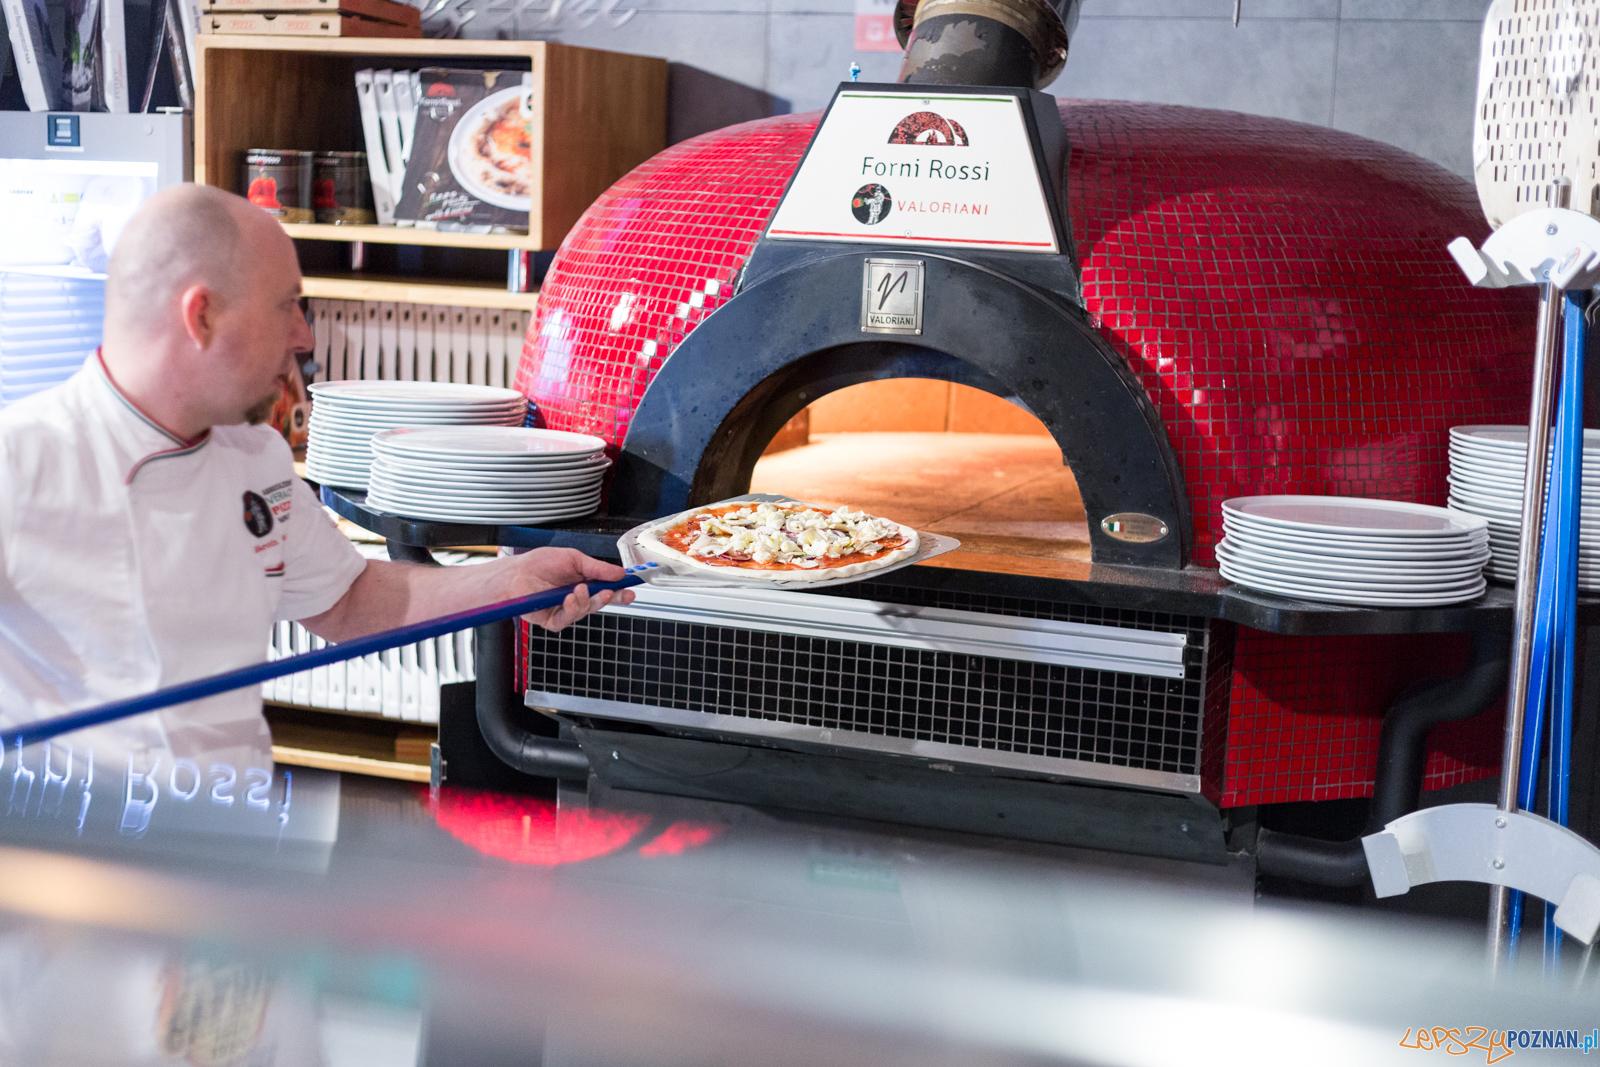 Forni Rossi Neapolitan Pizzeria & Restaurant w Poznaniu  Foto: lepszyPOZNAN.pl/Piotr Rychter